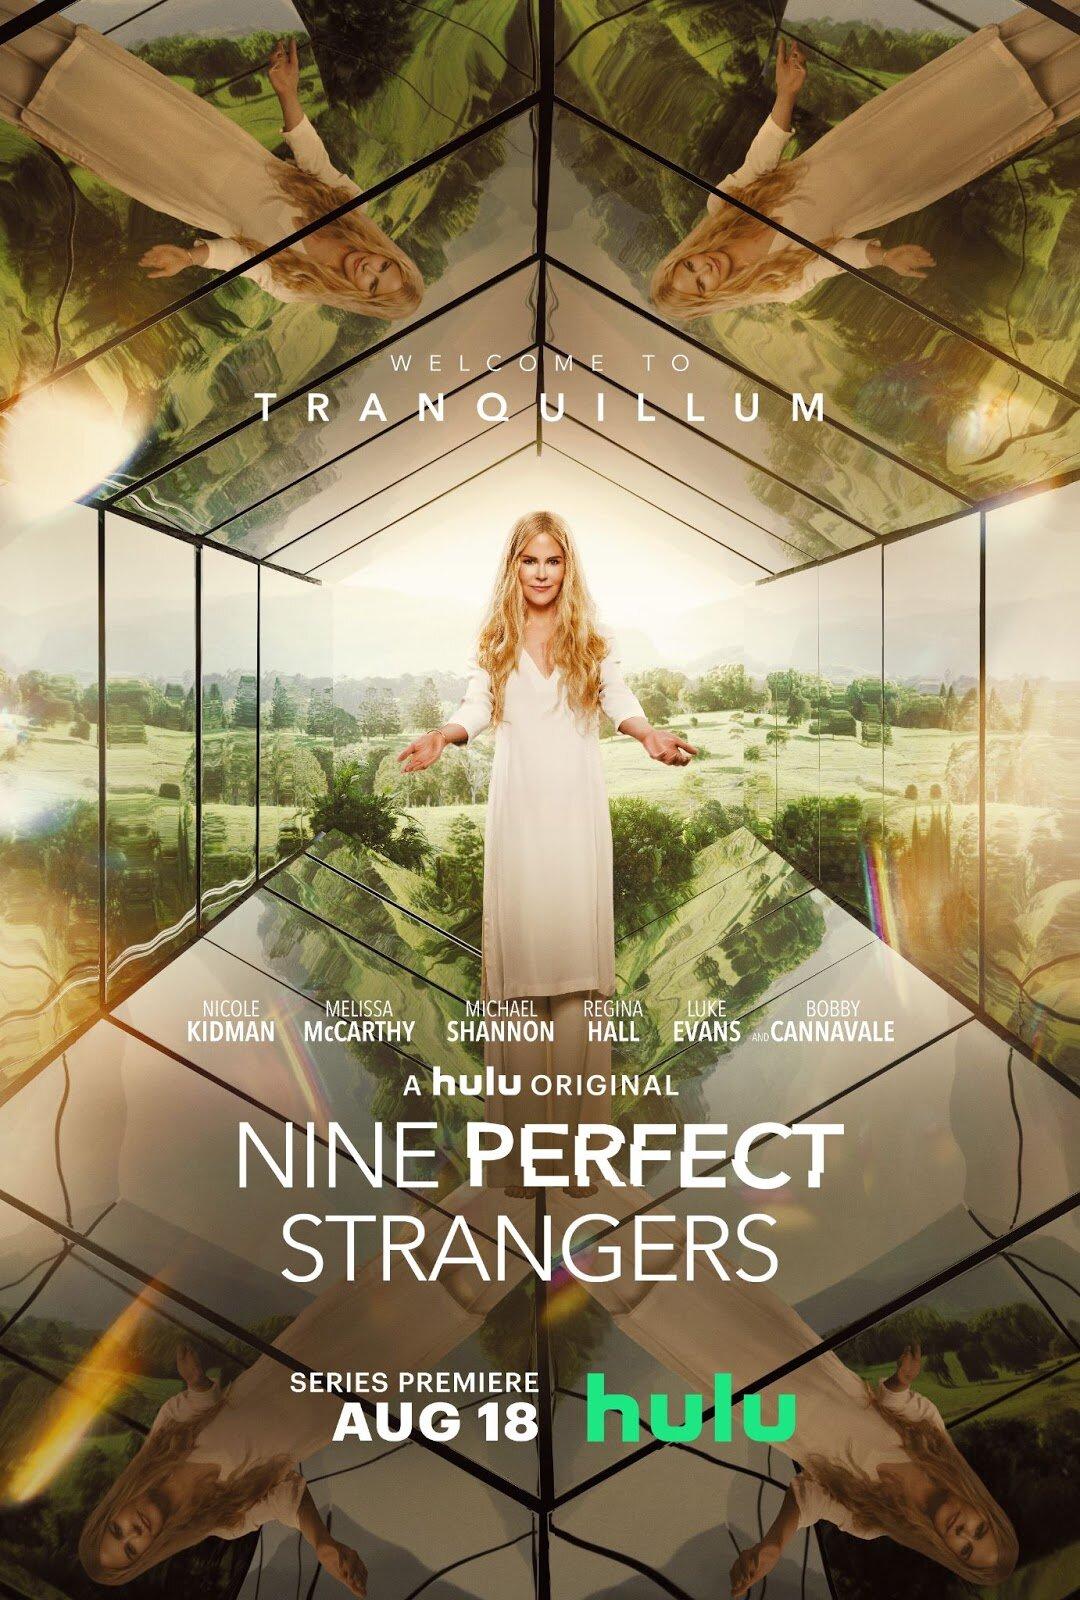 NOVE DESCONHECIDOS | Série Hulu com Nicole Kidman na Amazon Prime Video